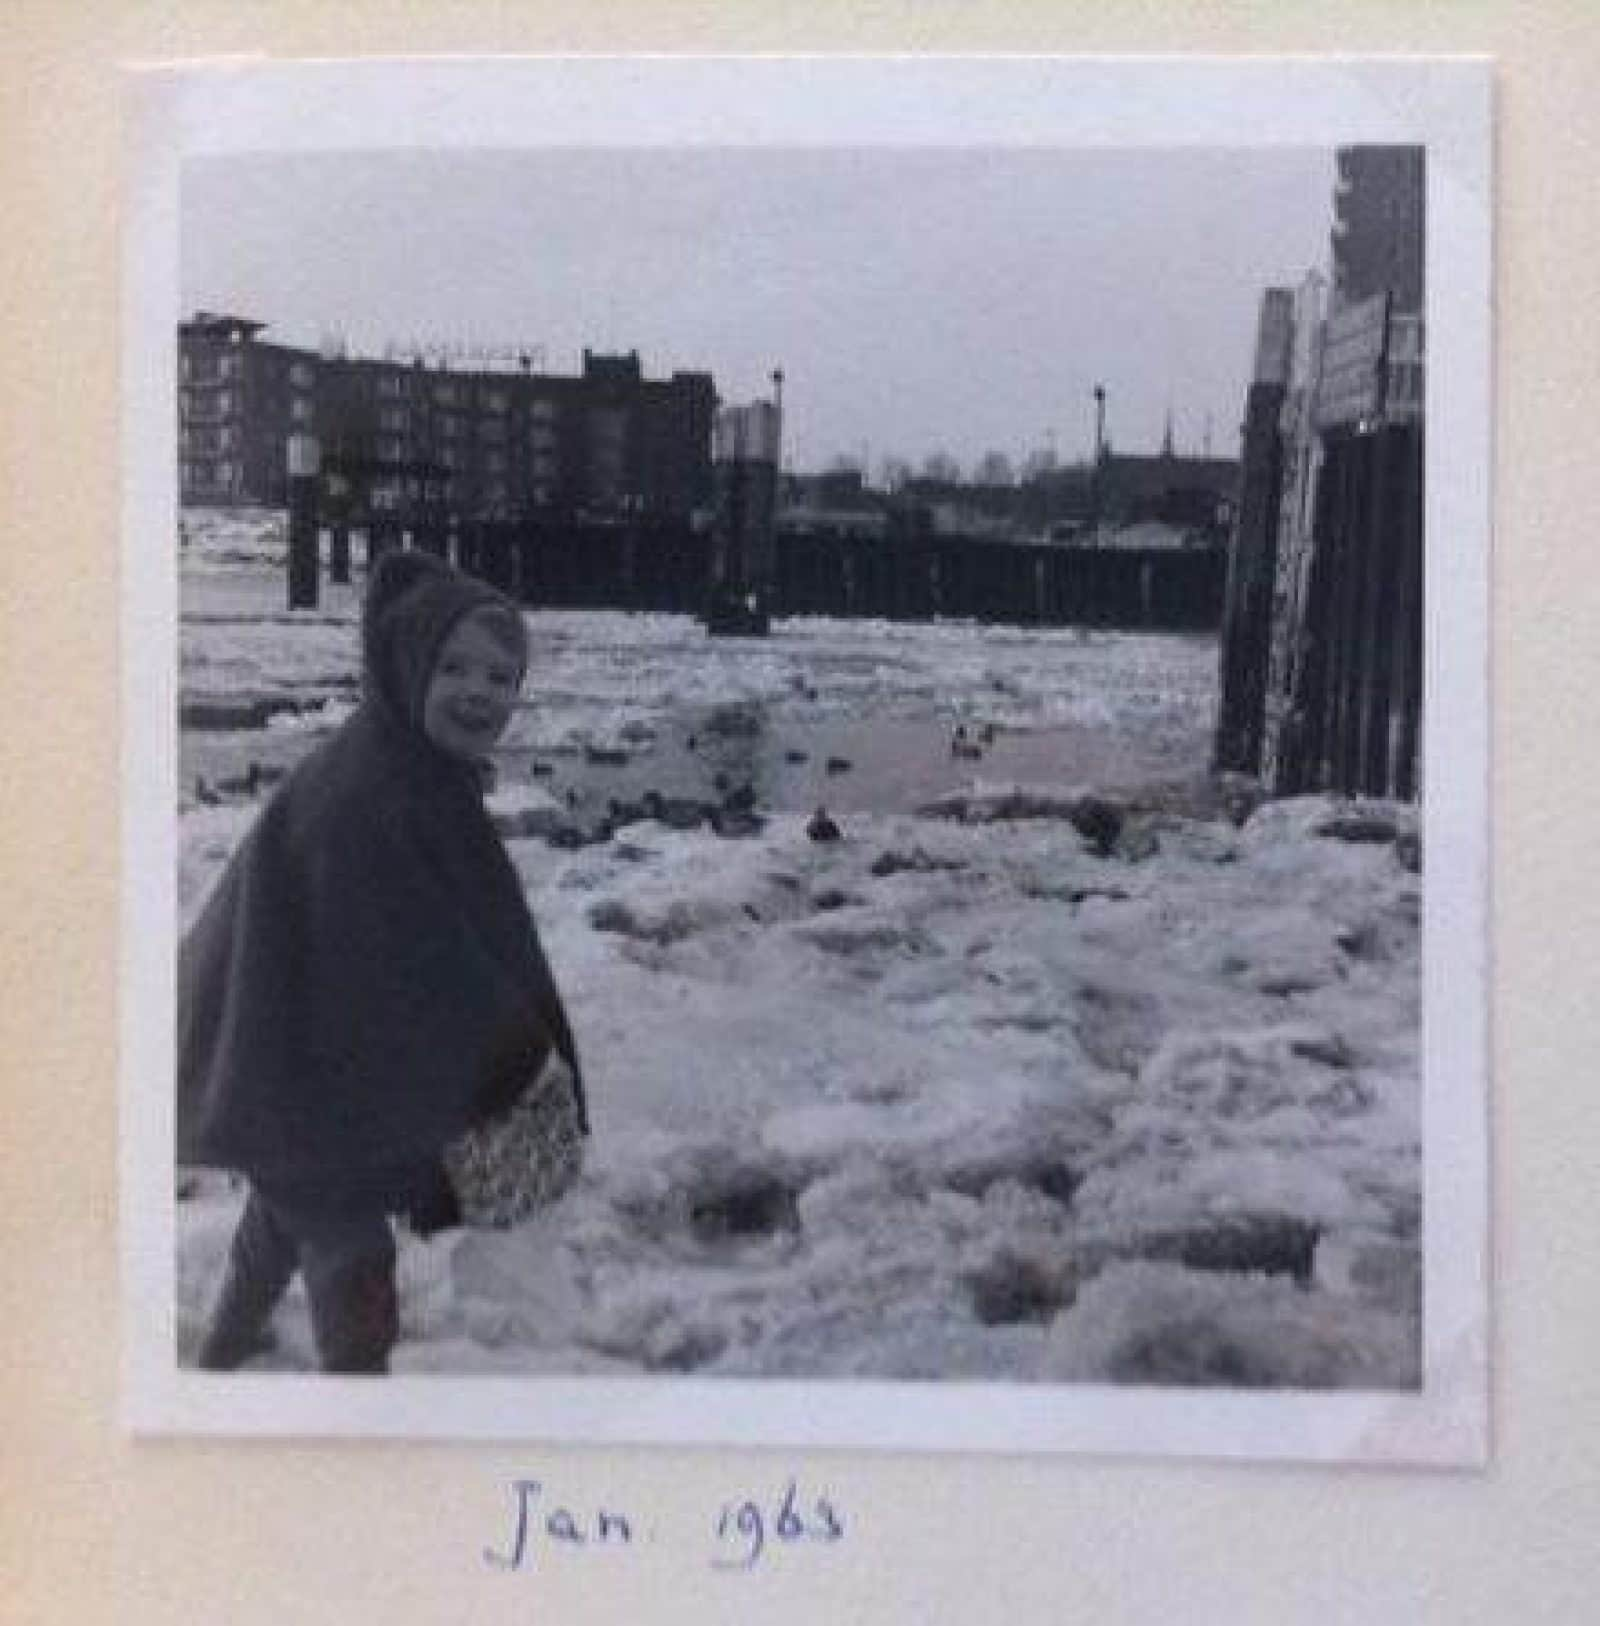 Barmentlo_lopen-over-bevroren-haven-1963